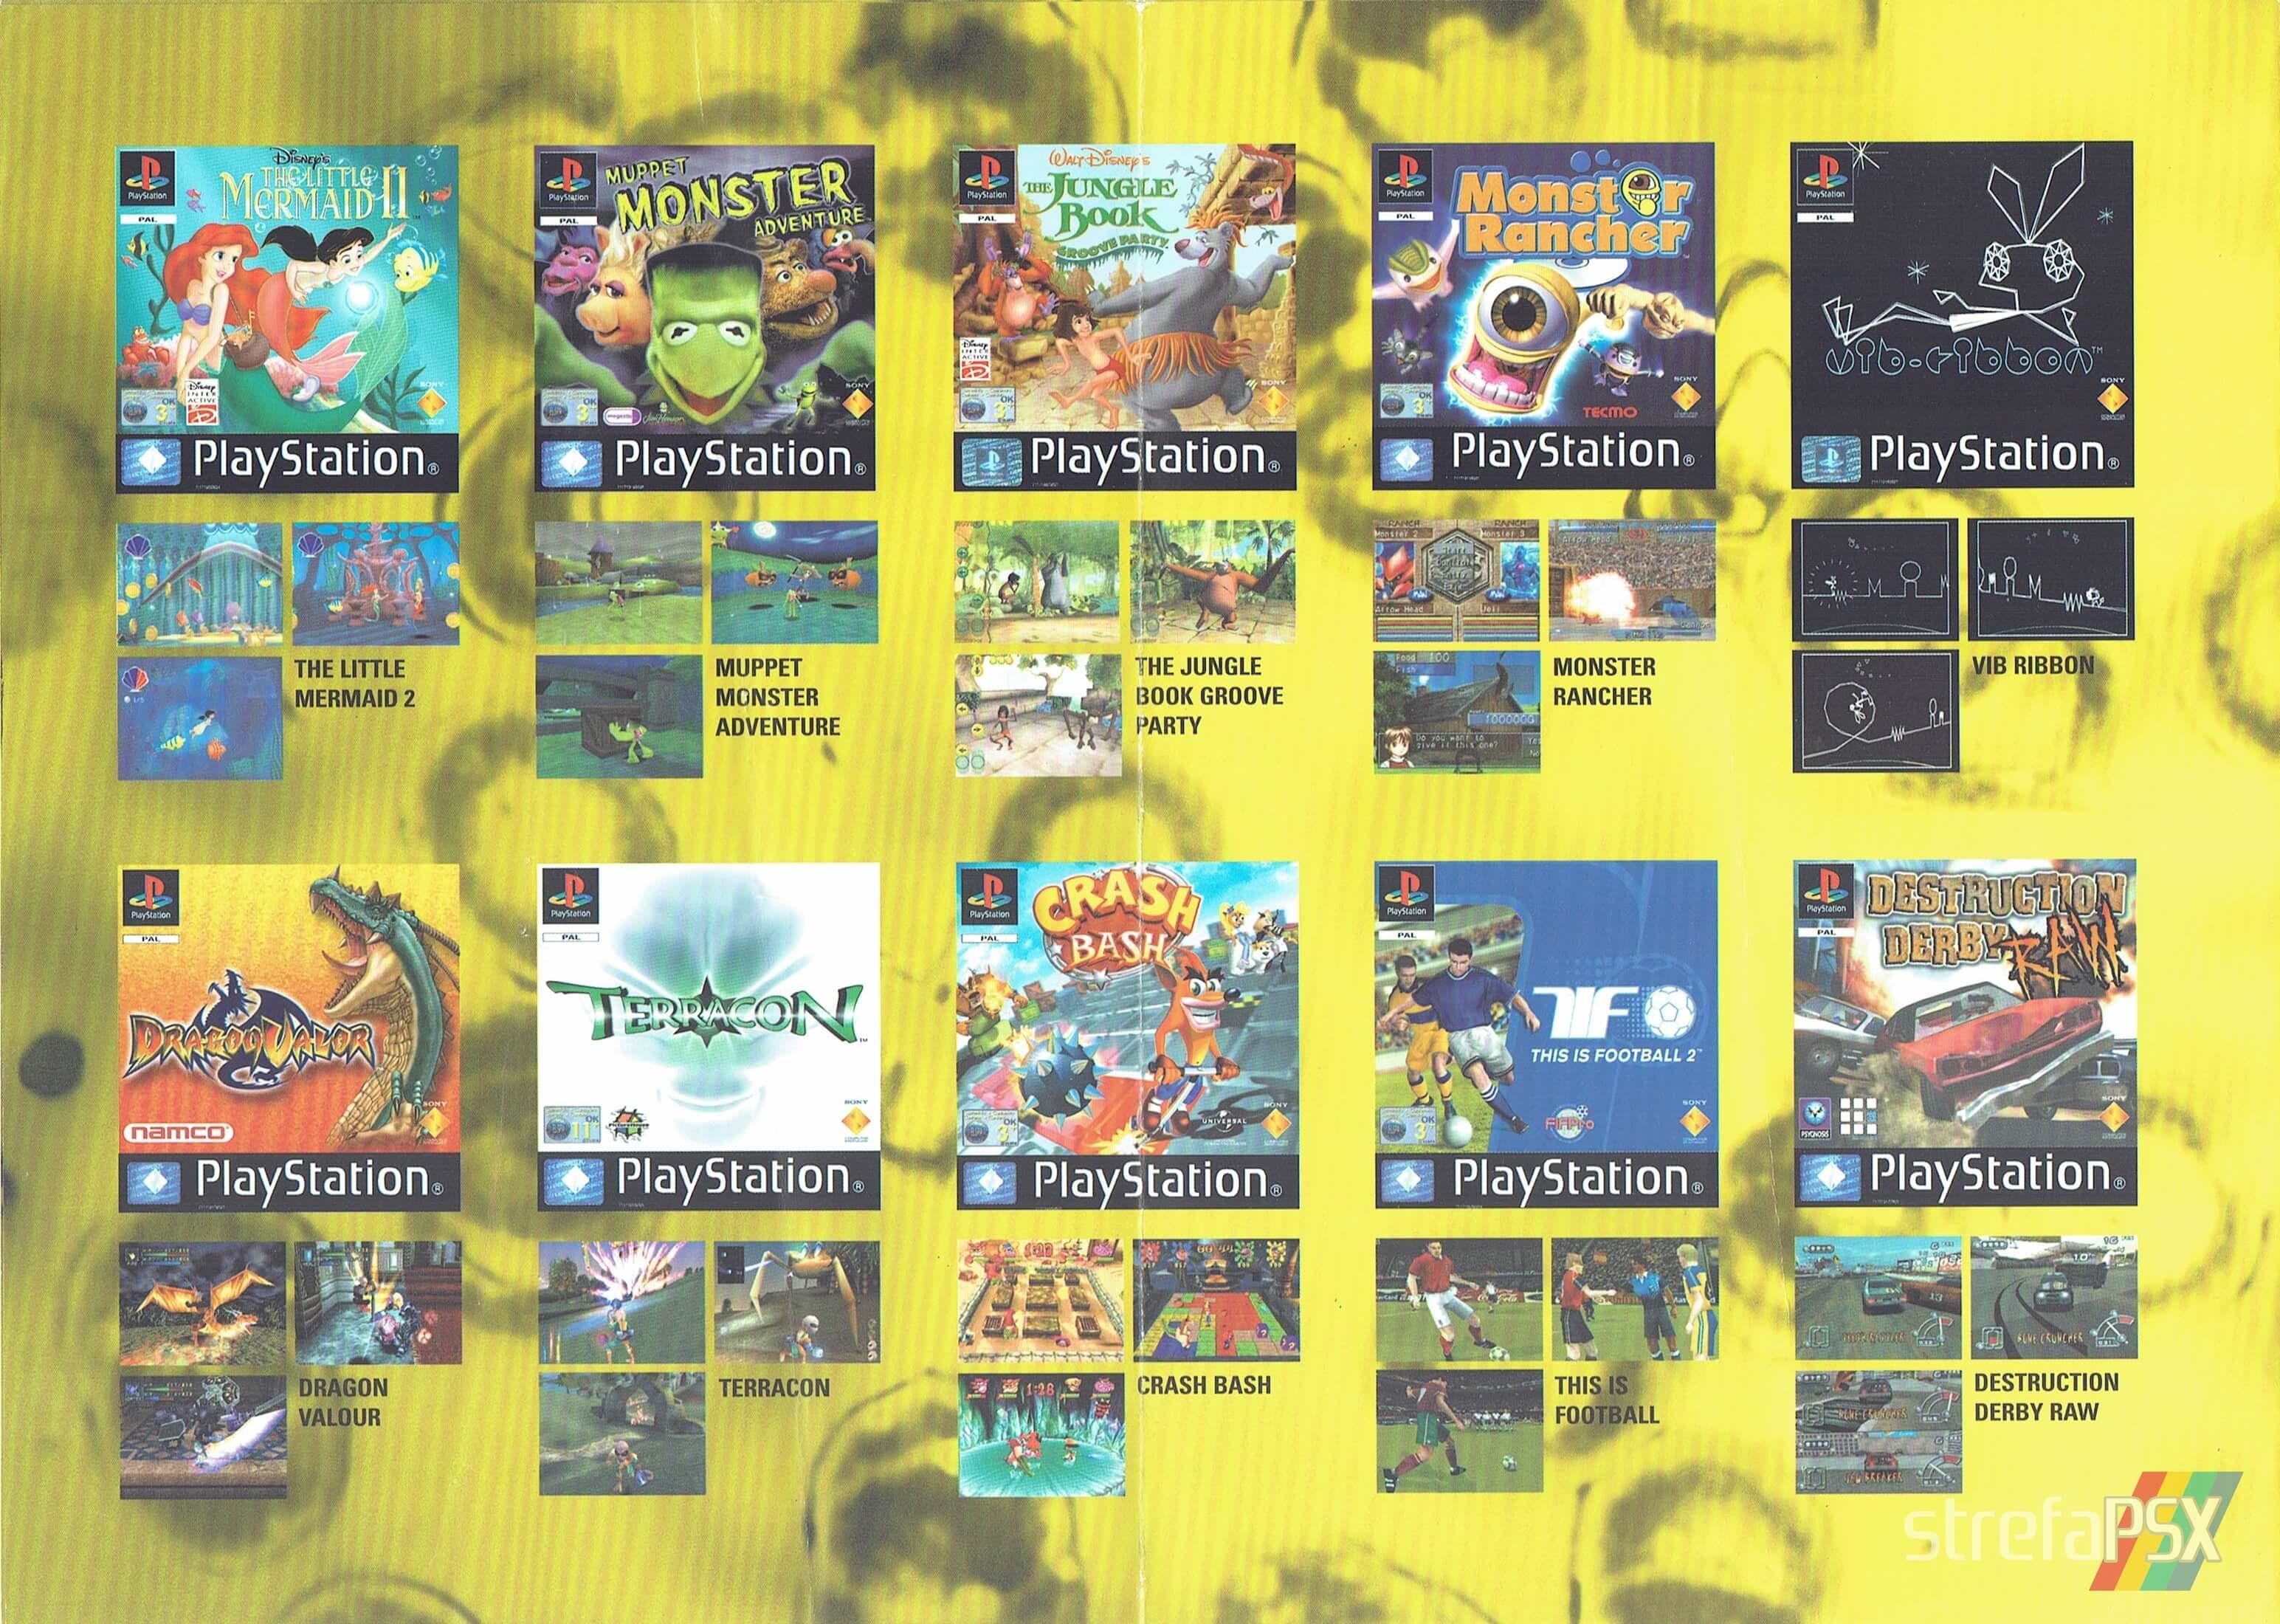 broszura reklamowa psx 203 - Broszury reklamowe PlayStation z dawnych lat